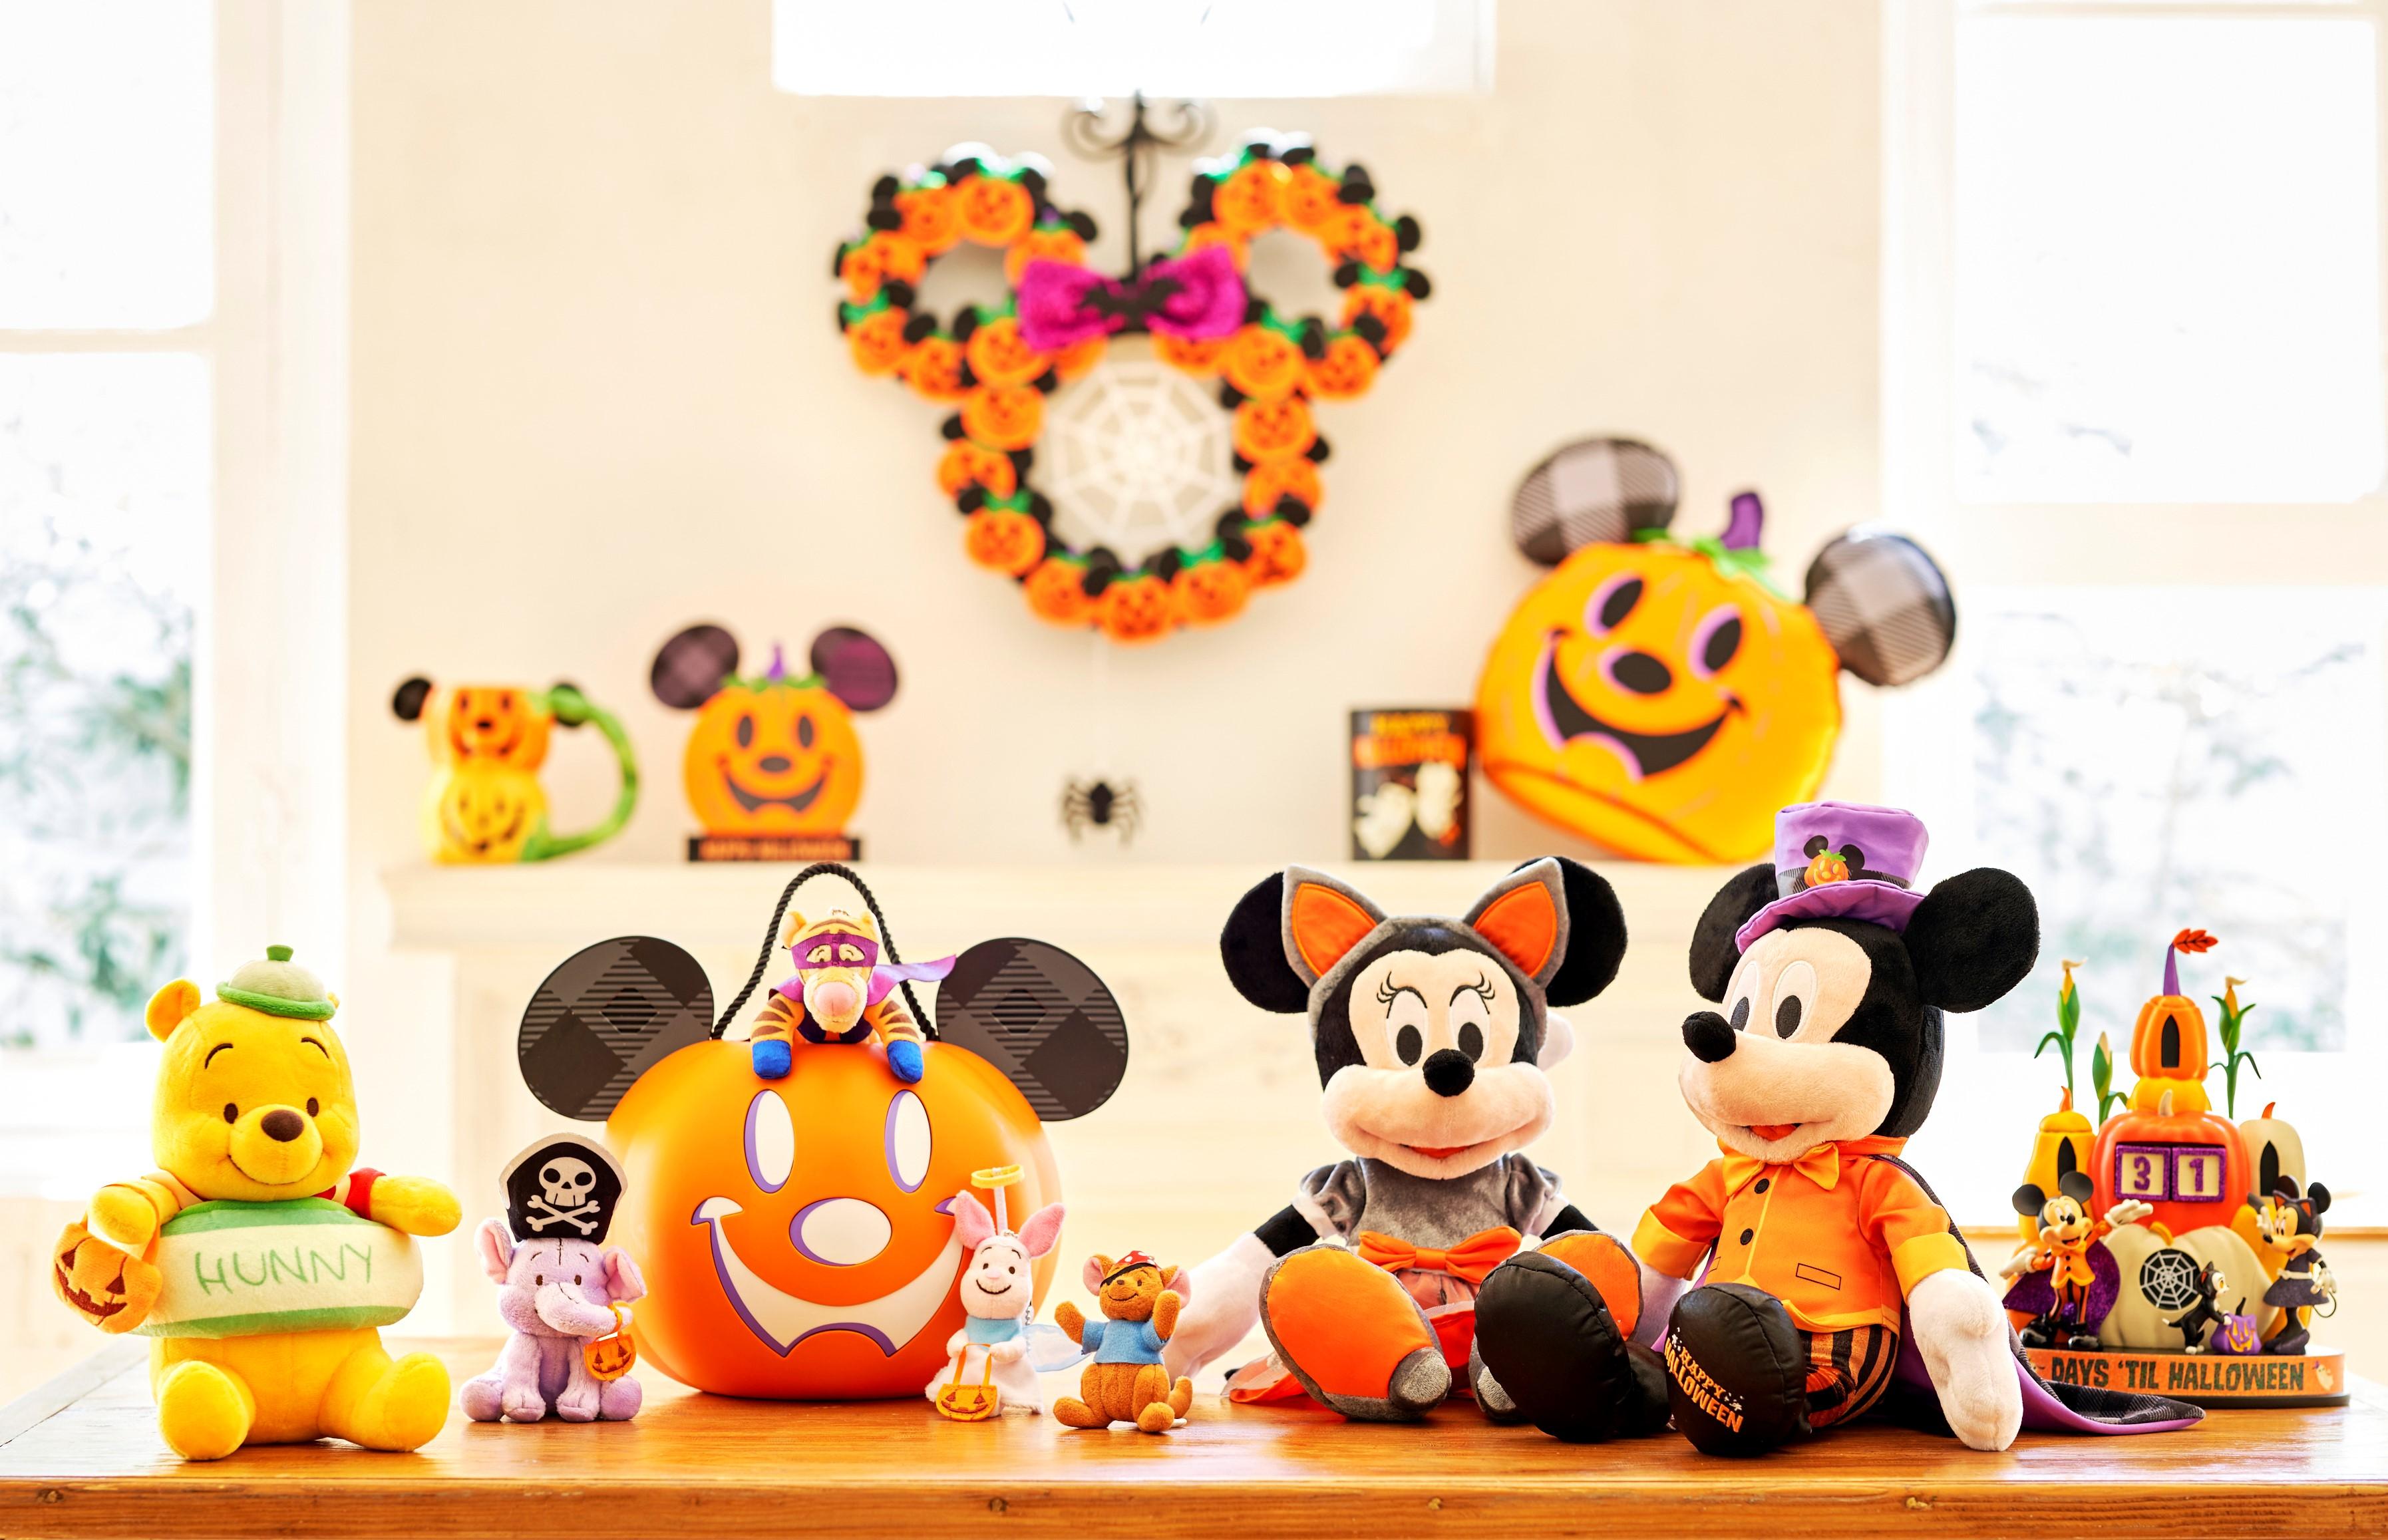 ハロウィーンを楽しもう!仮装したミッキーやプーさんたちのアイテムが登場🎃💜